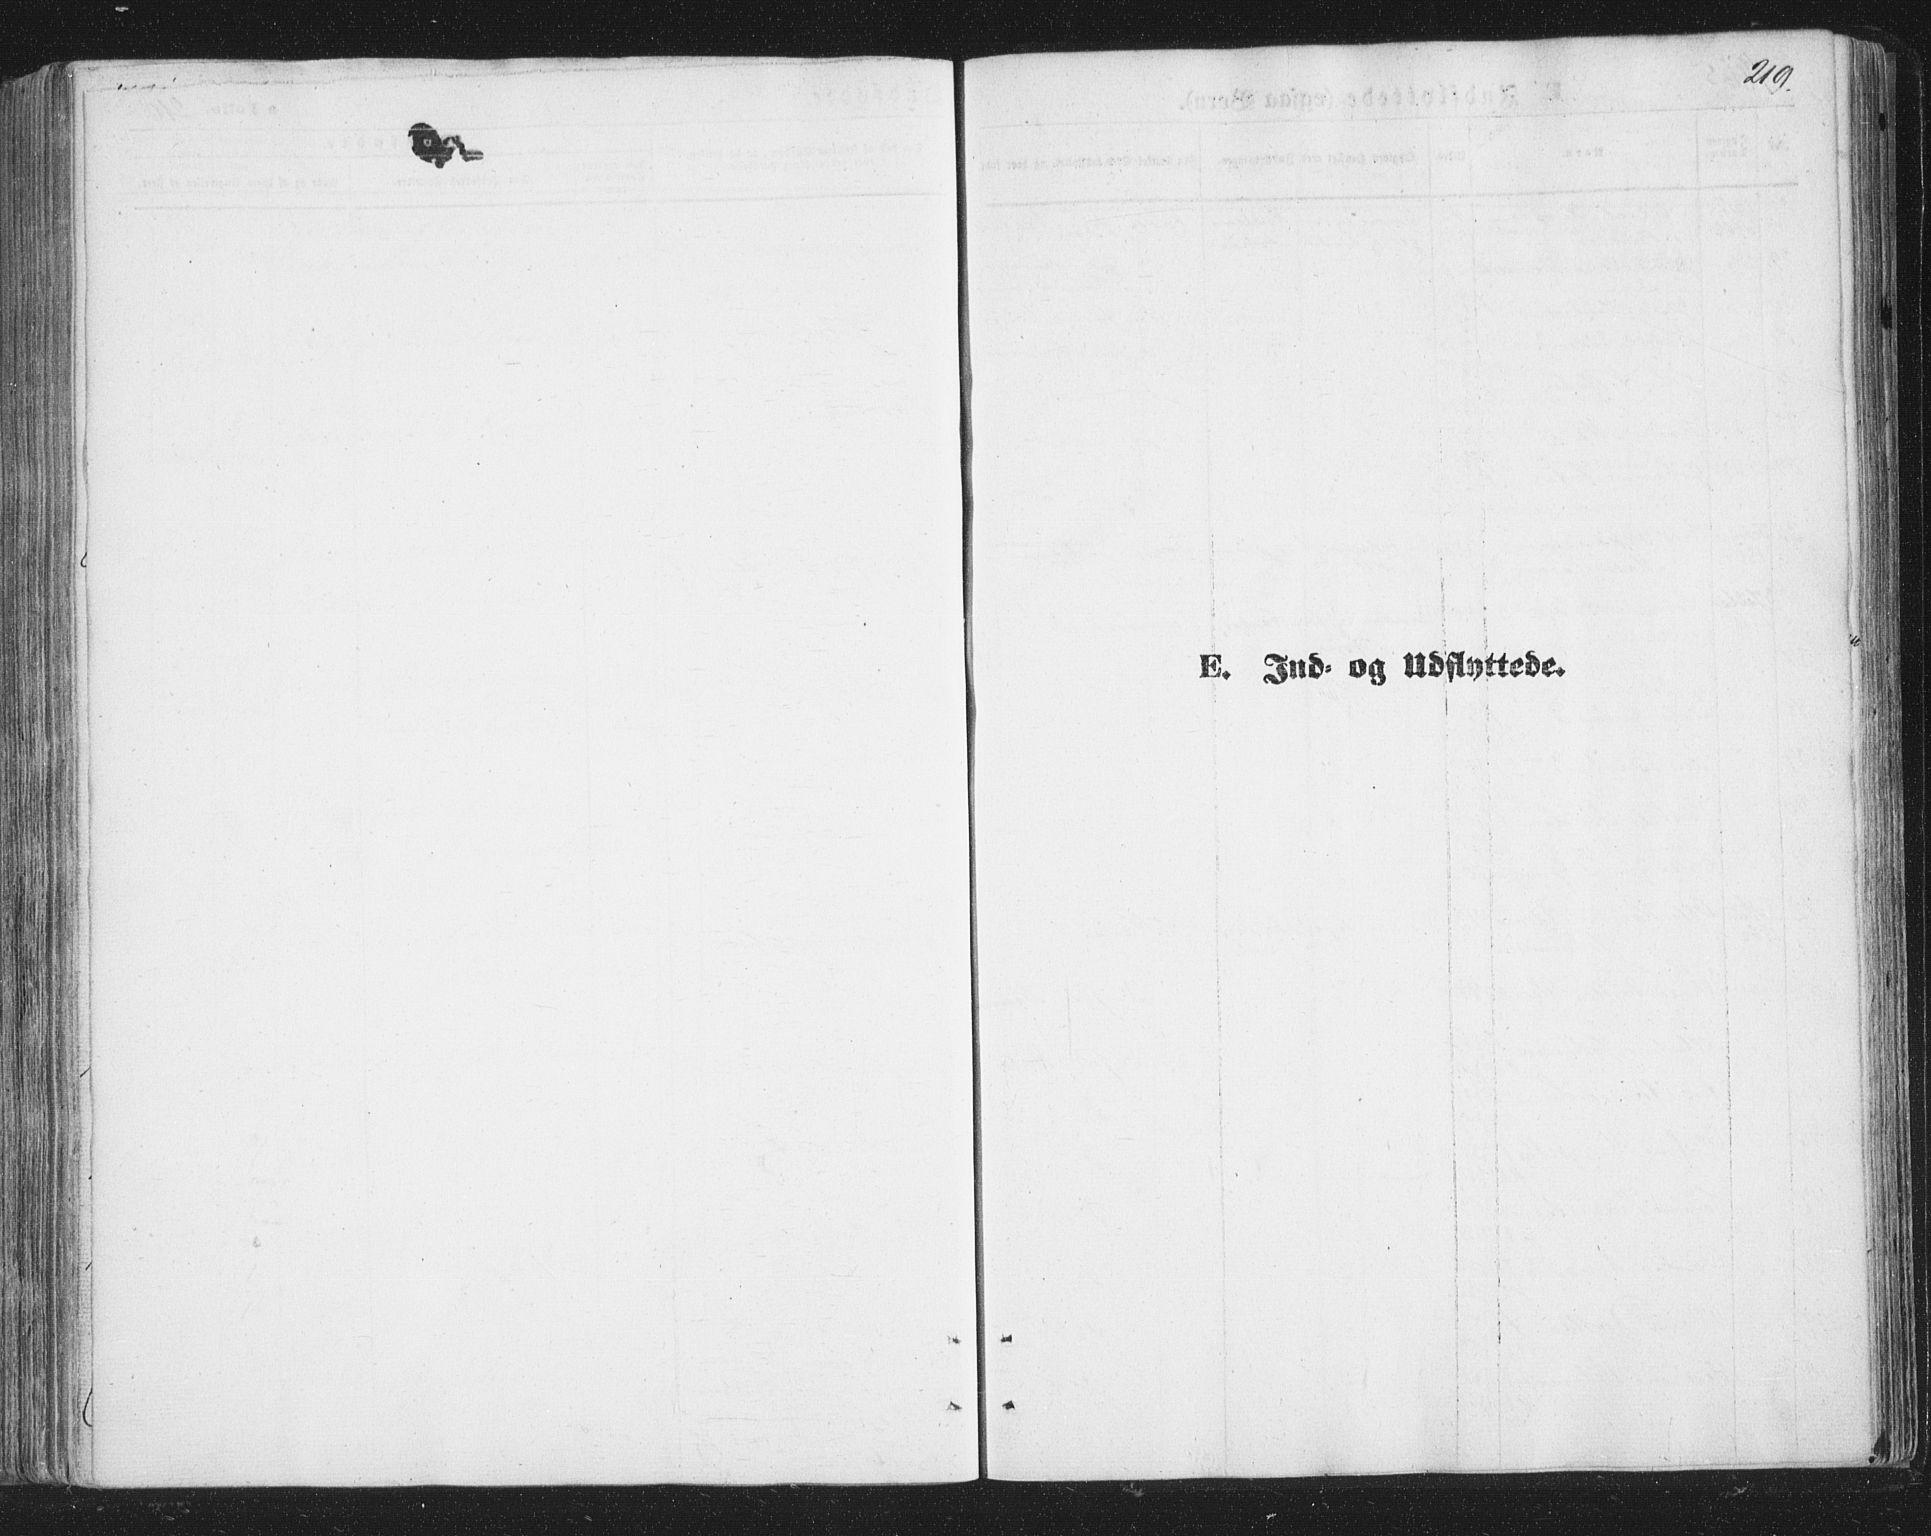 SATØ, Tromsø sokneprestkontor/stiftsprosti/domprosti, G/Ga/L0012kirke: Ministerialbok nr. 12, 1865-1871, s. 219